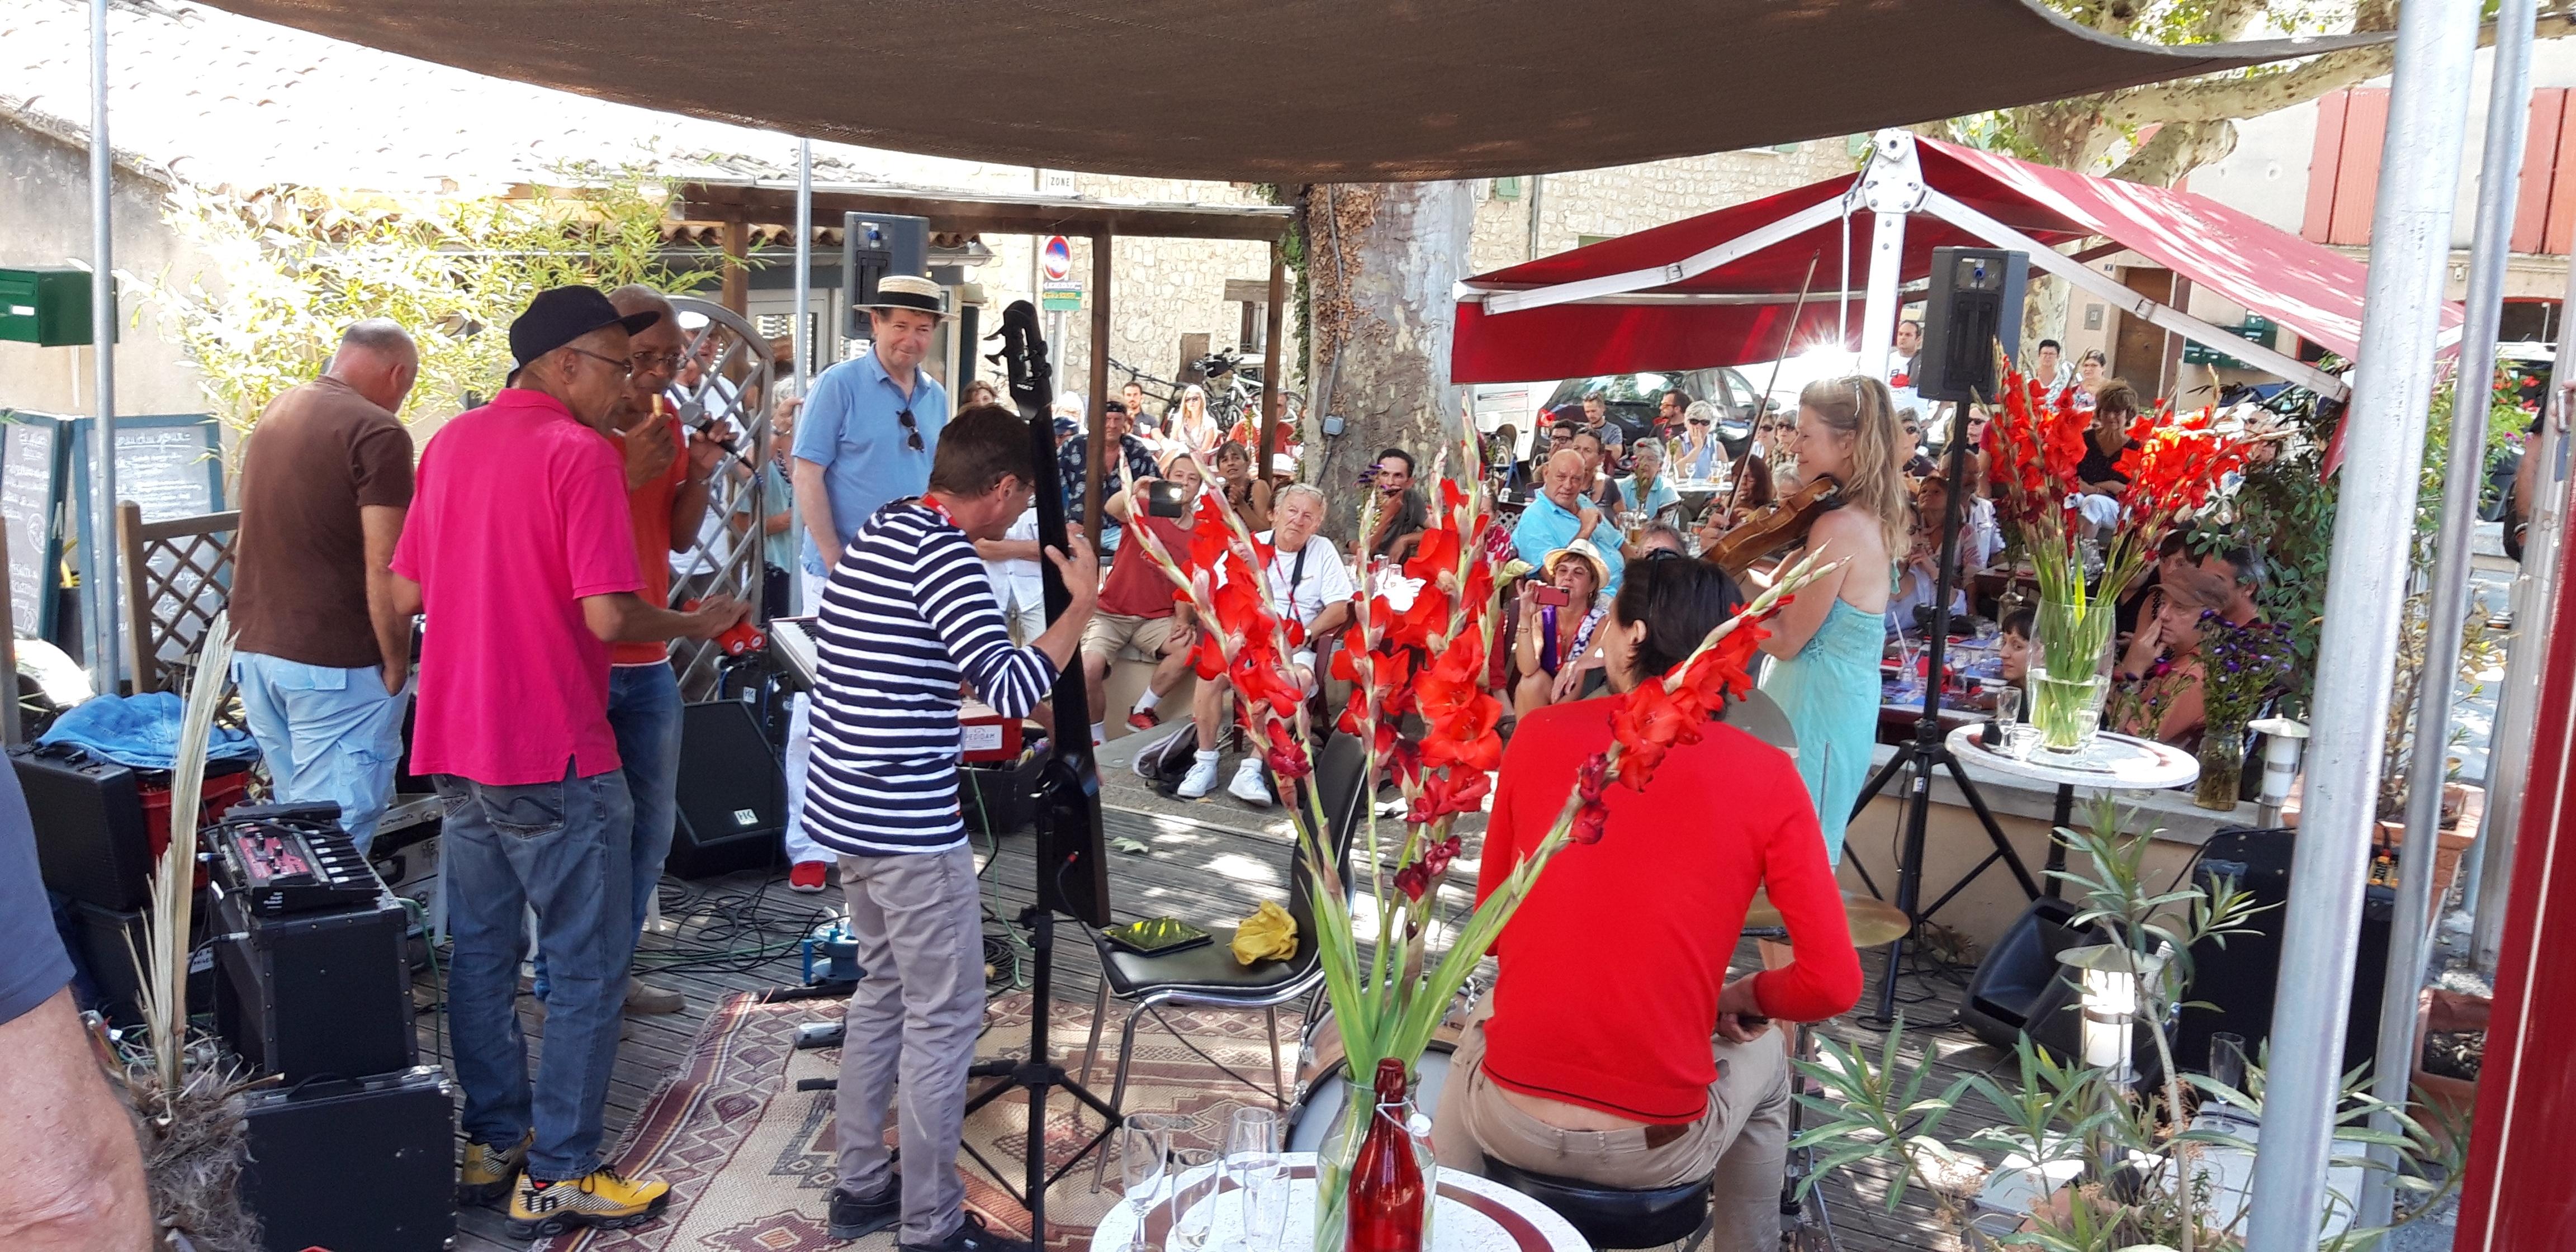 2019 : La violoniste Line Kruse rejoint le groupe mené par Alain Brunet au café Saint Julien pour un boeuf improvisé à Buis les Baronnies